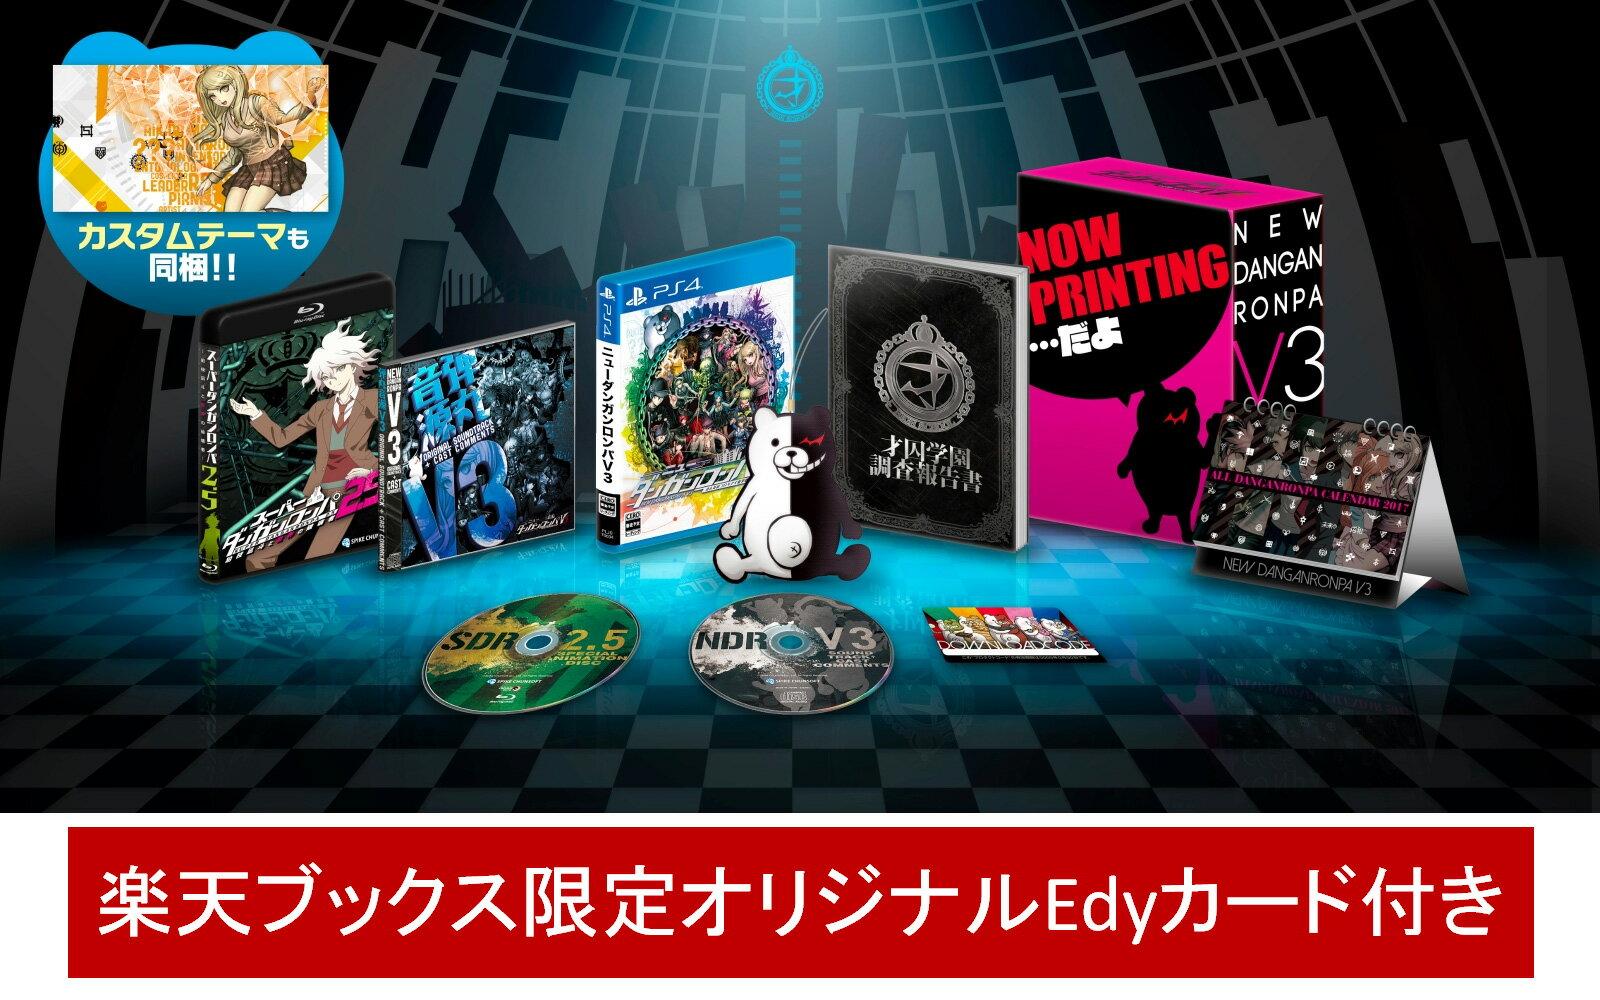 【予約】ニューダンガンロンパV3 みんなのコロシアイ新学期 超高校級の限定BOX PS4版